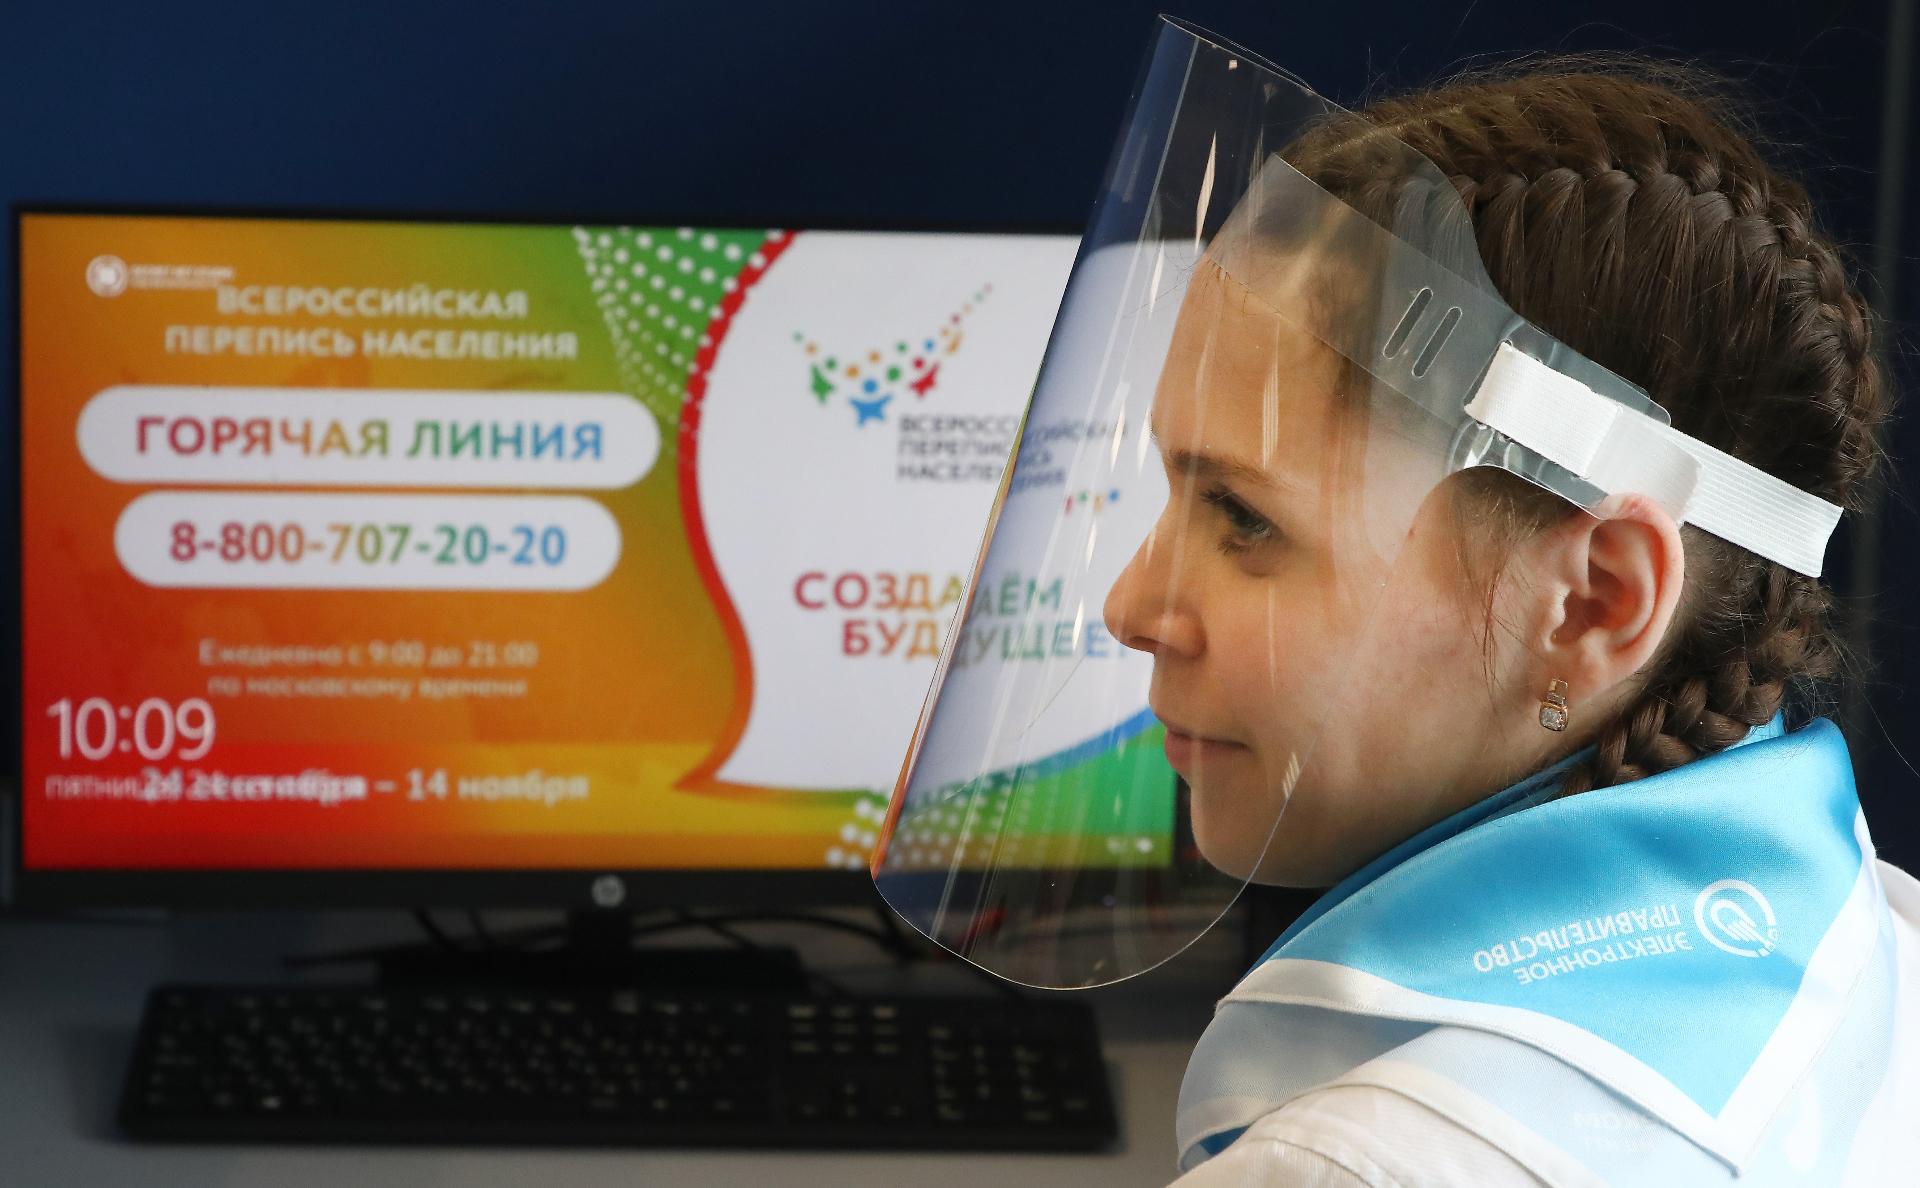 Россияне стали отказываться от переписи из-за ухудшения ситуации с COVID